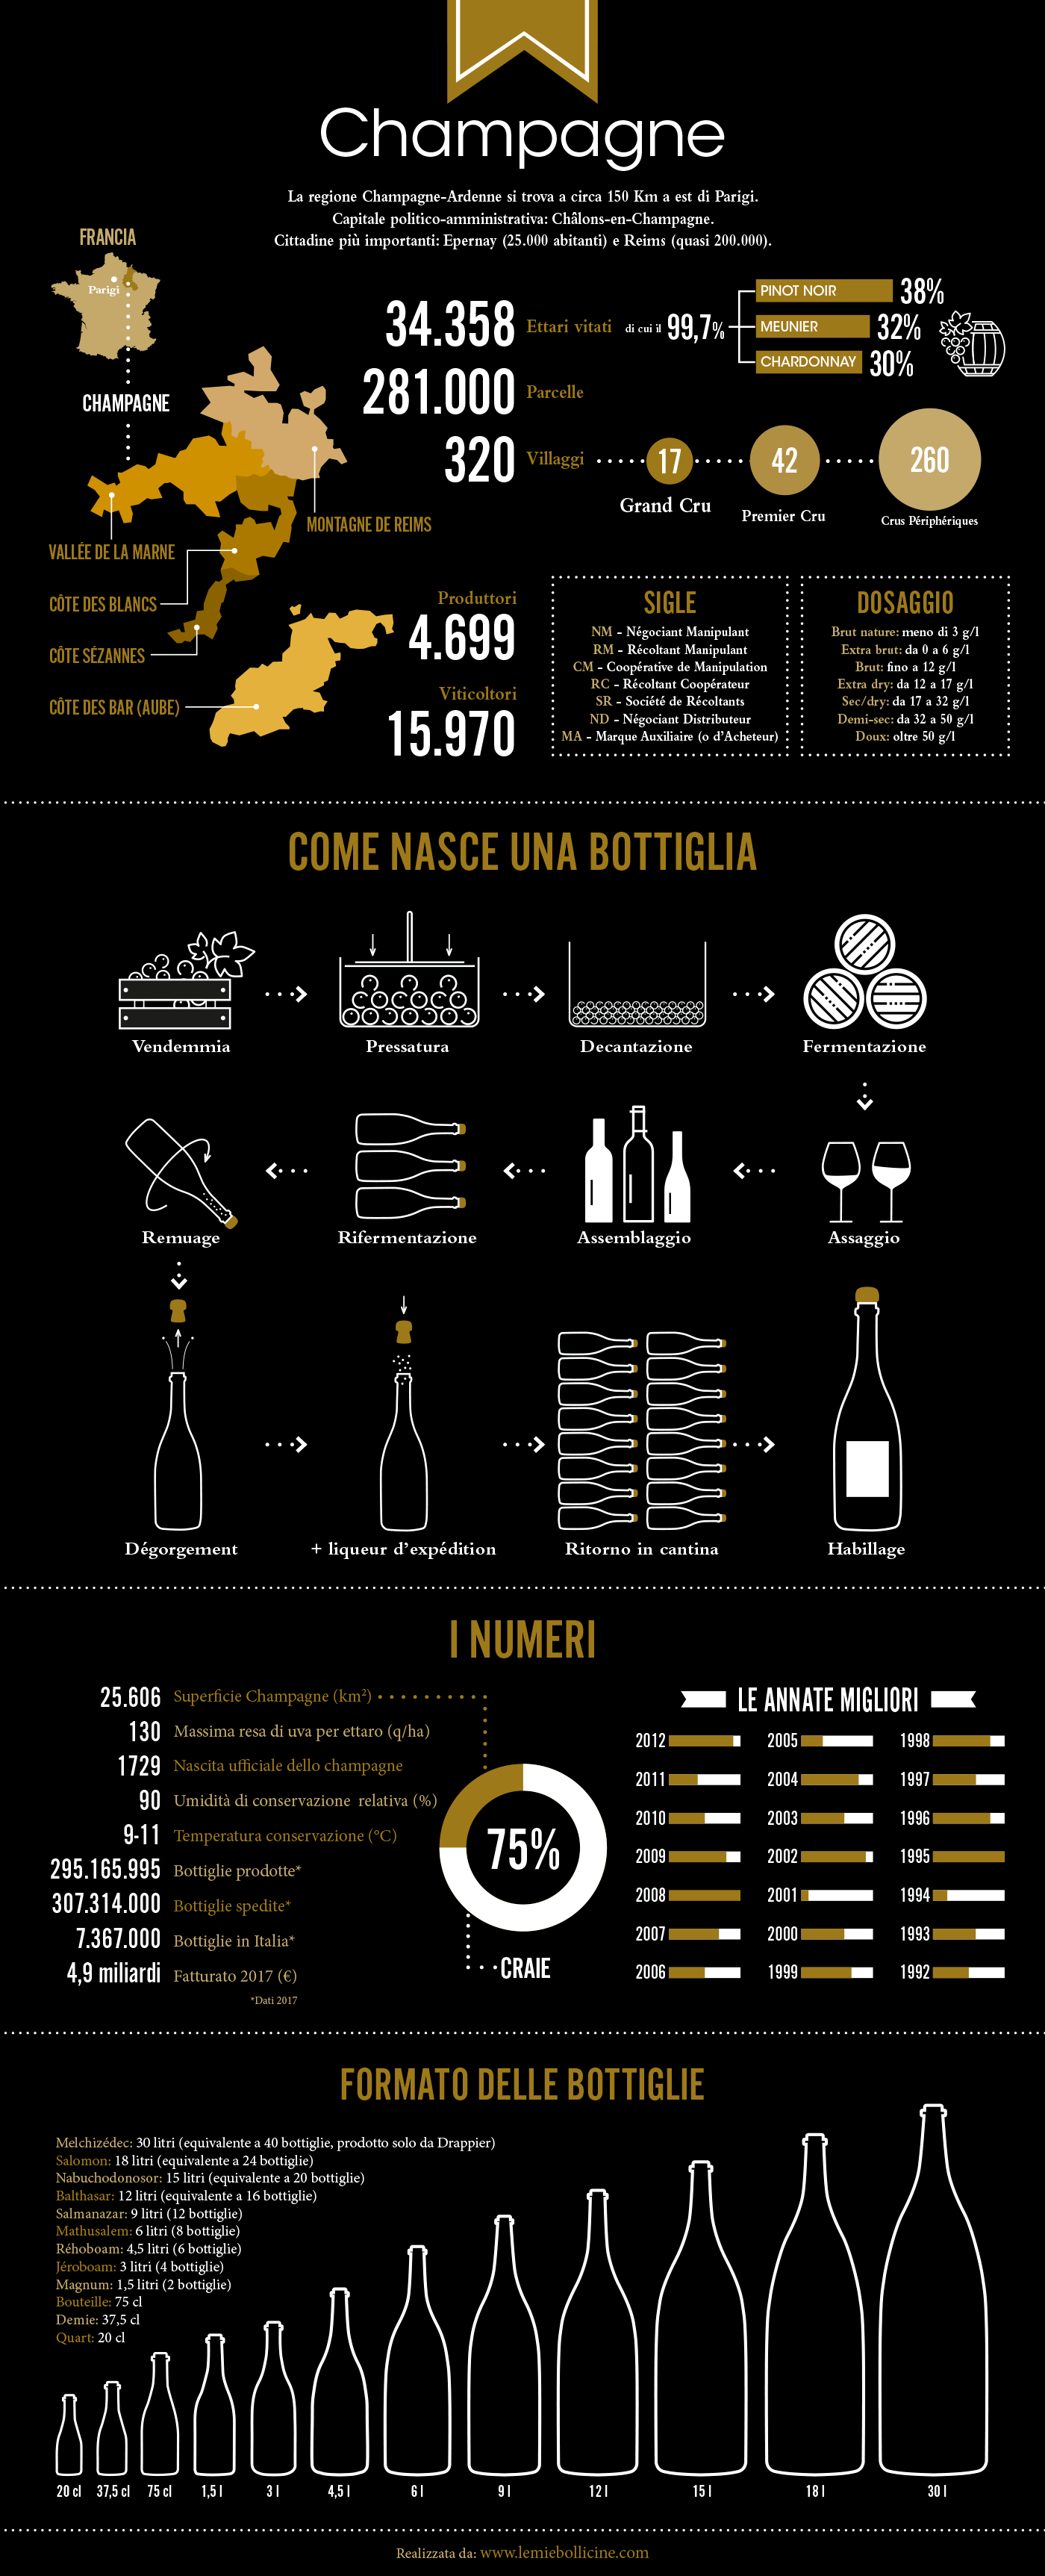 Infografica sui numeri dello champagne e sul metodo di produzione